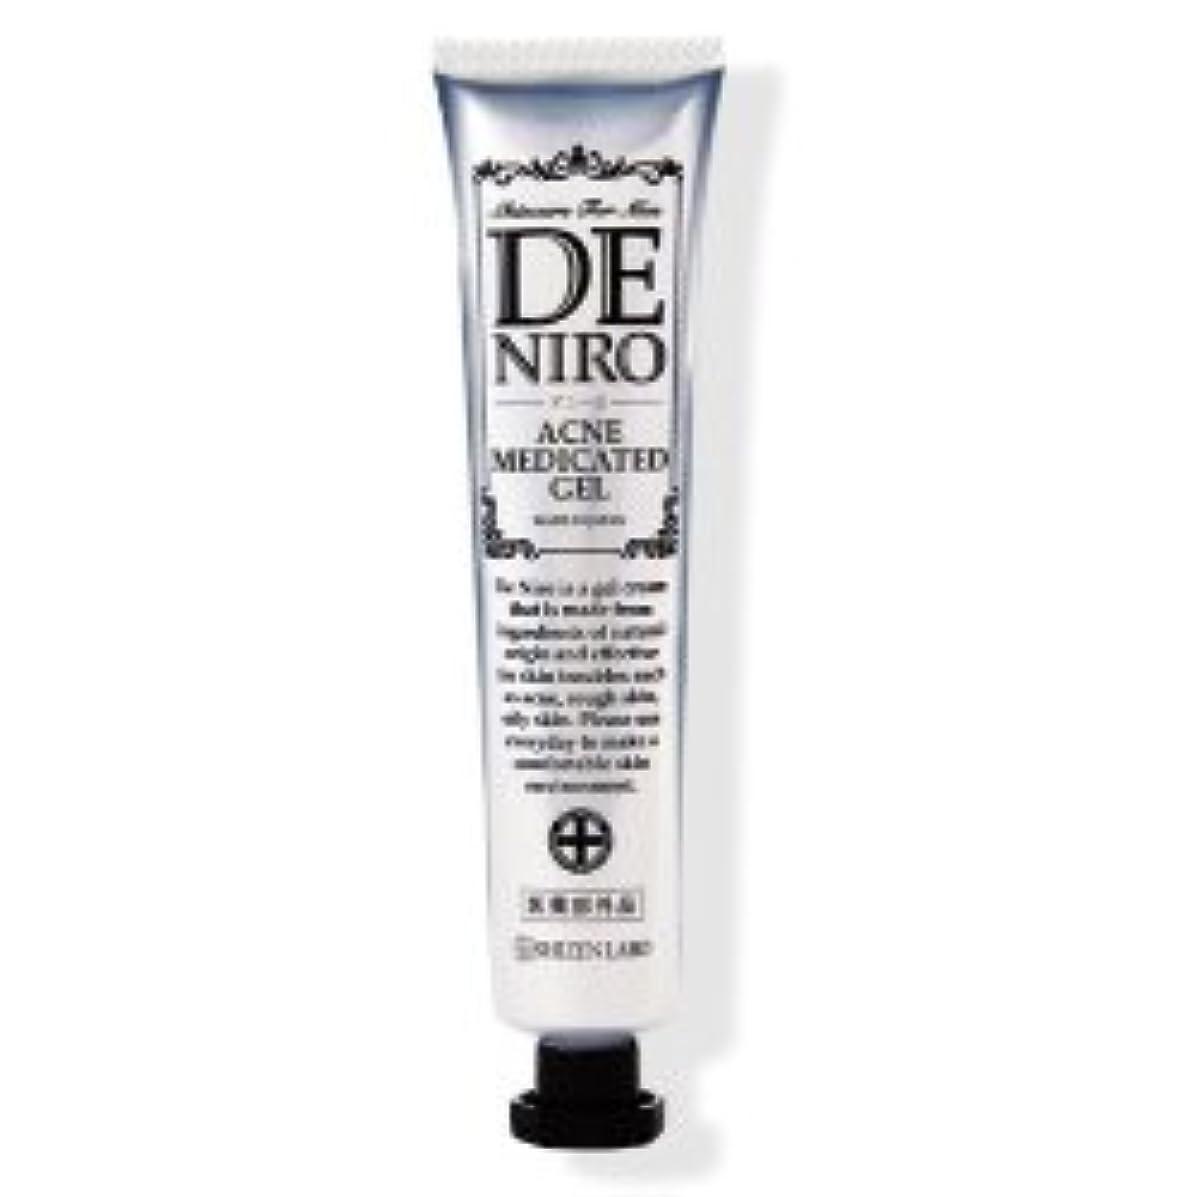 デニーロ 45g (約1ヵ月分)【公式】薬用 DE NIRO 男のニキビ クリーム